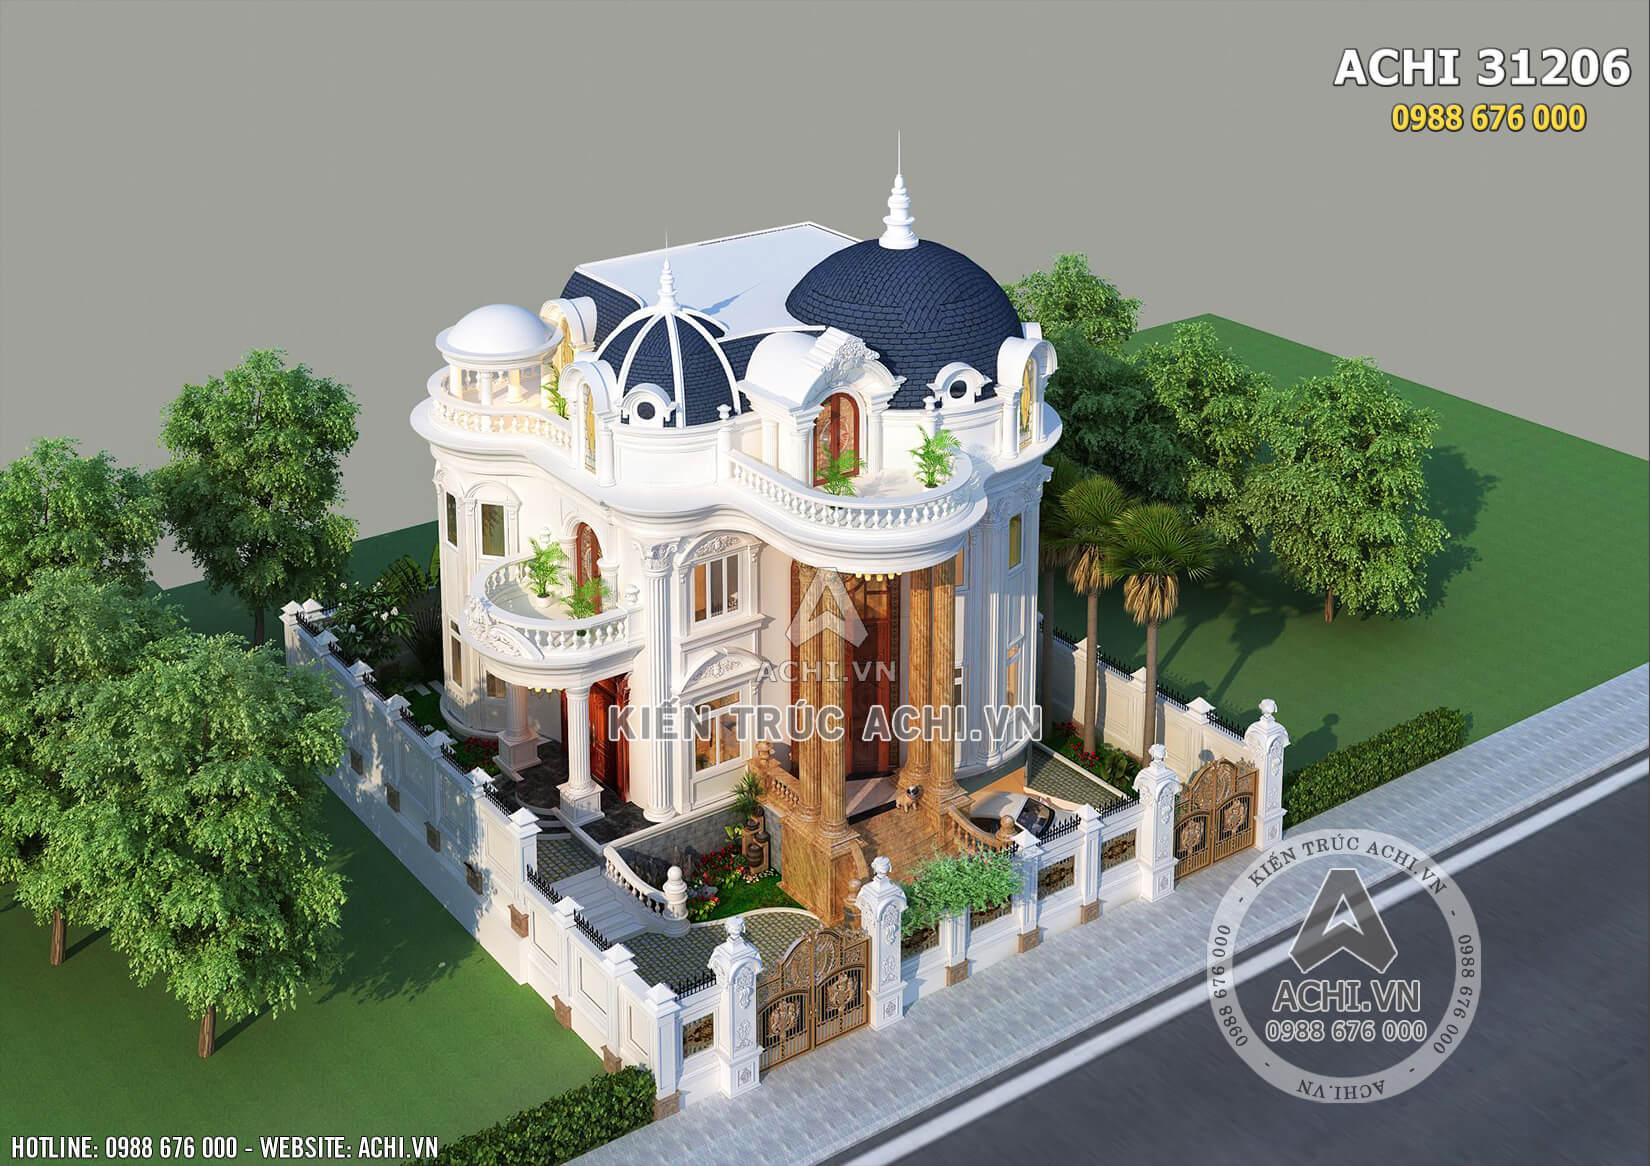 Mẫu thiết kế biệt thự tân cổ điển 3 tầng nhìn từ trên cao